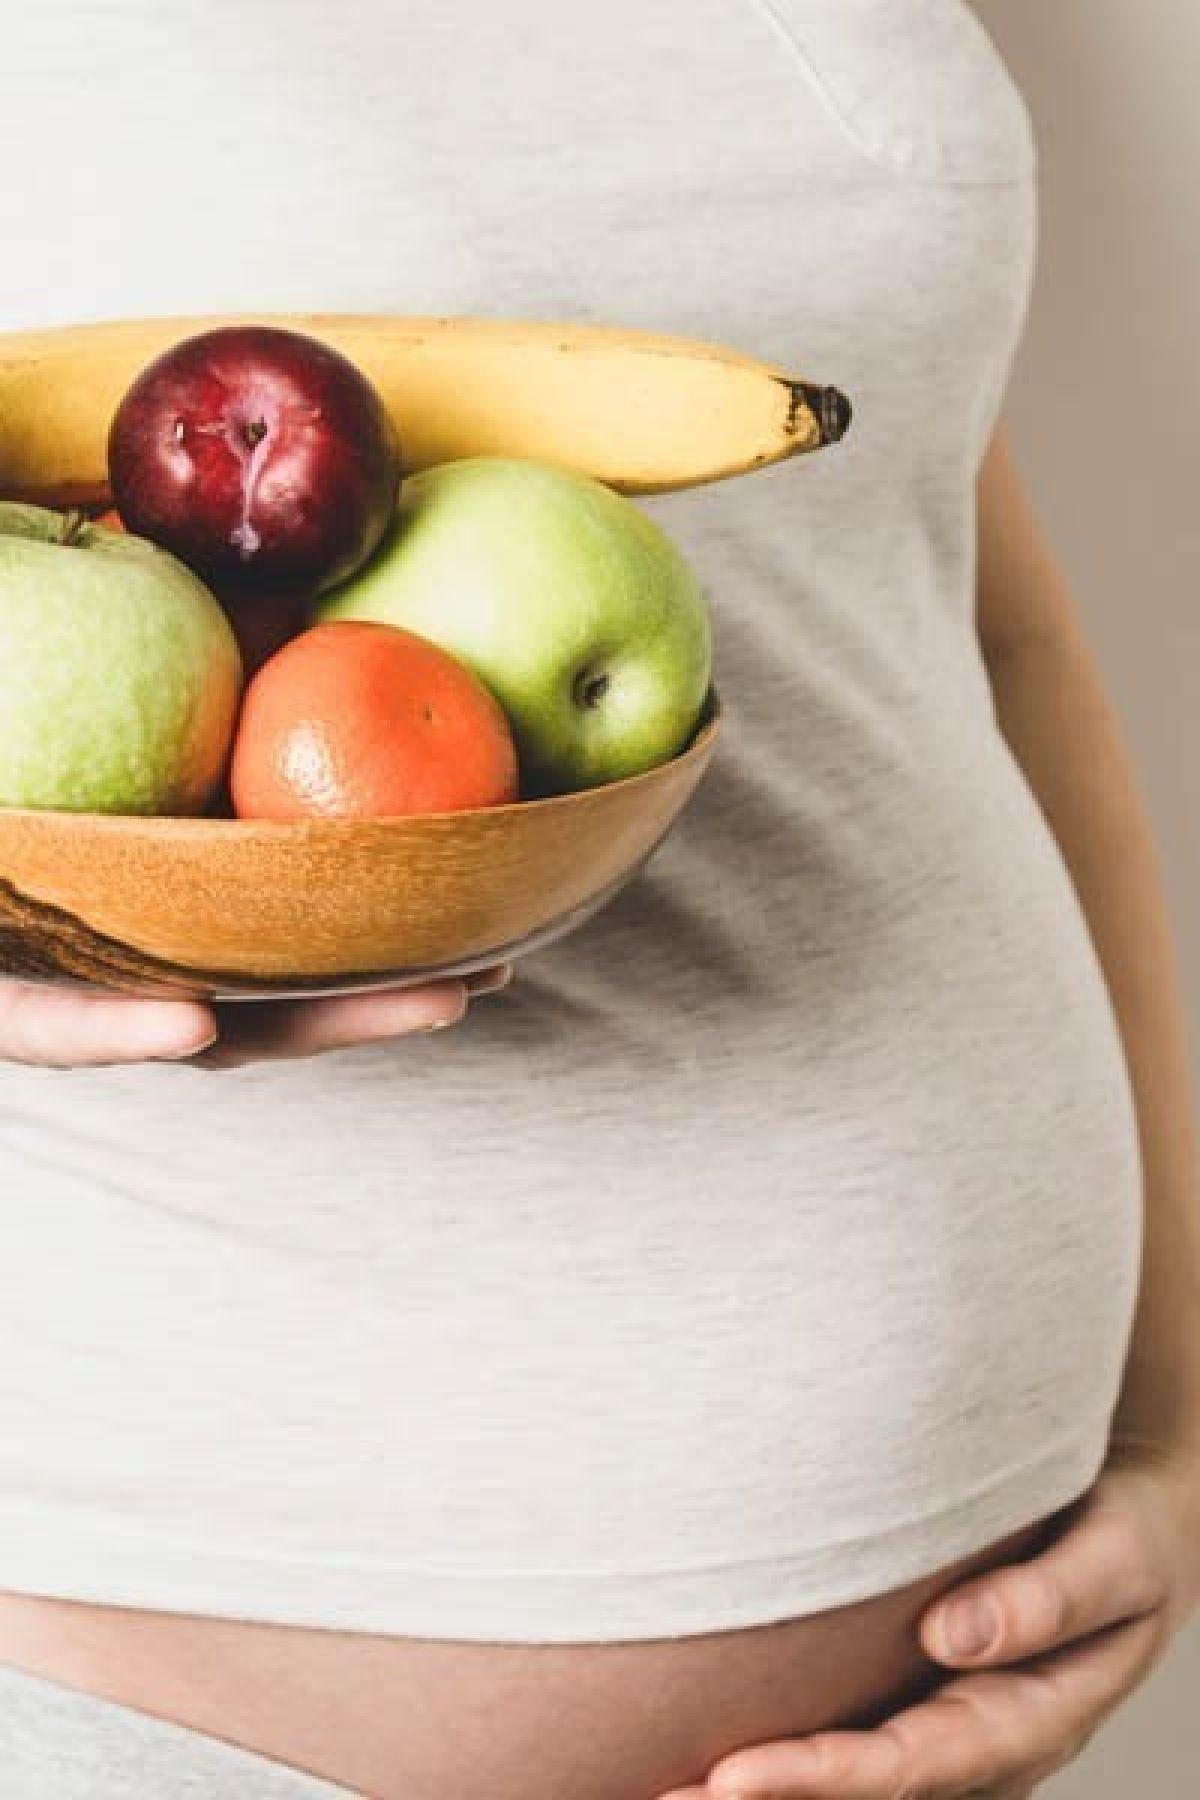 Saznajte: Koje voće treba izbegavati tokom trudnoće?